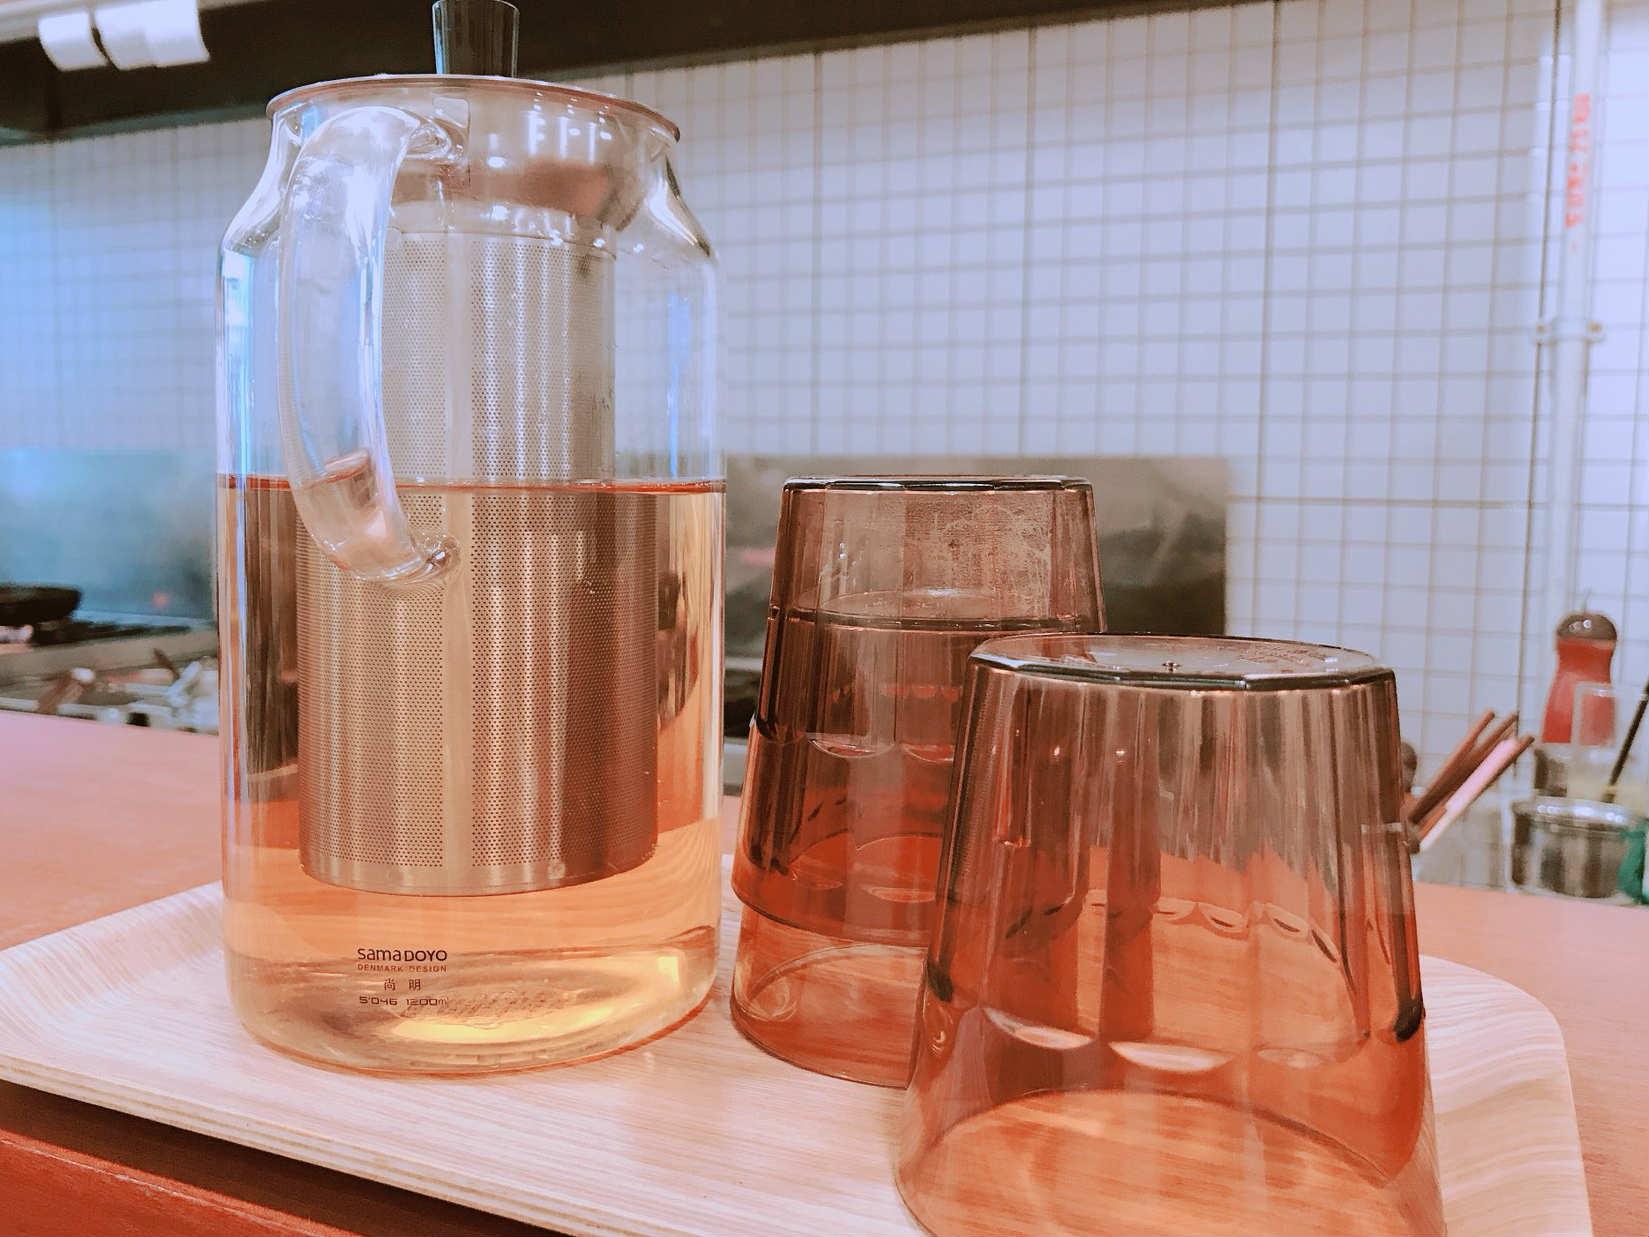 店內附的水也不是隨便準備的,而是日式麥茶唷!